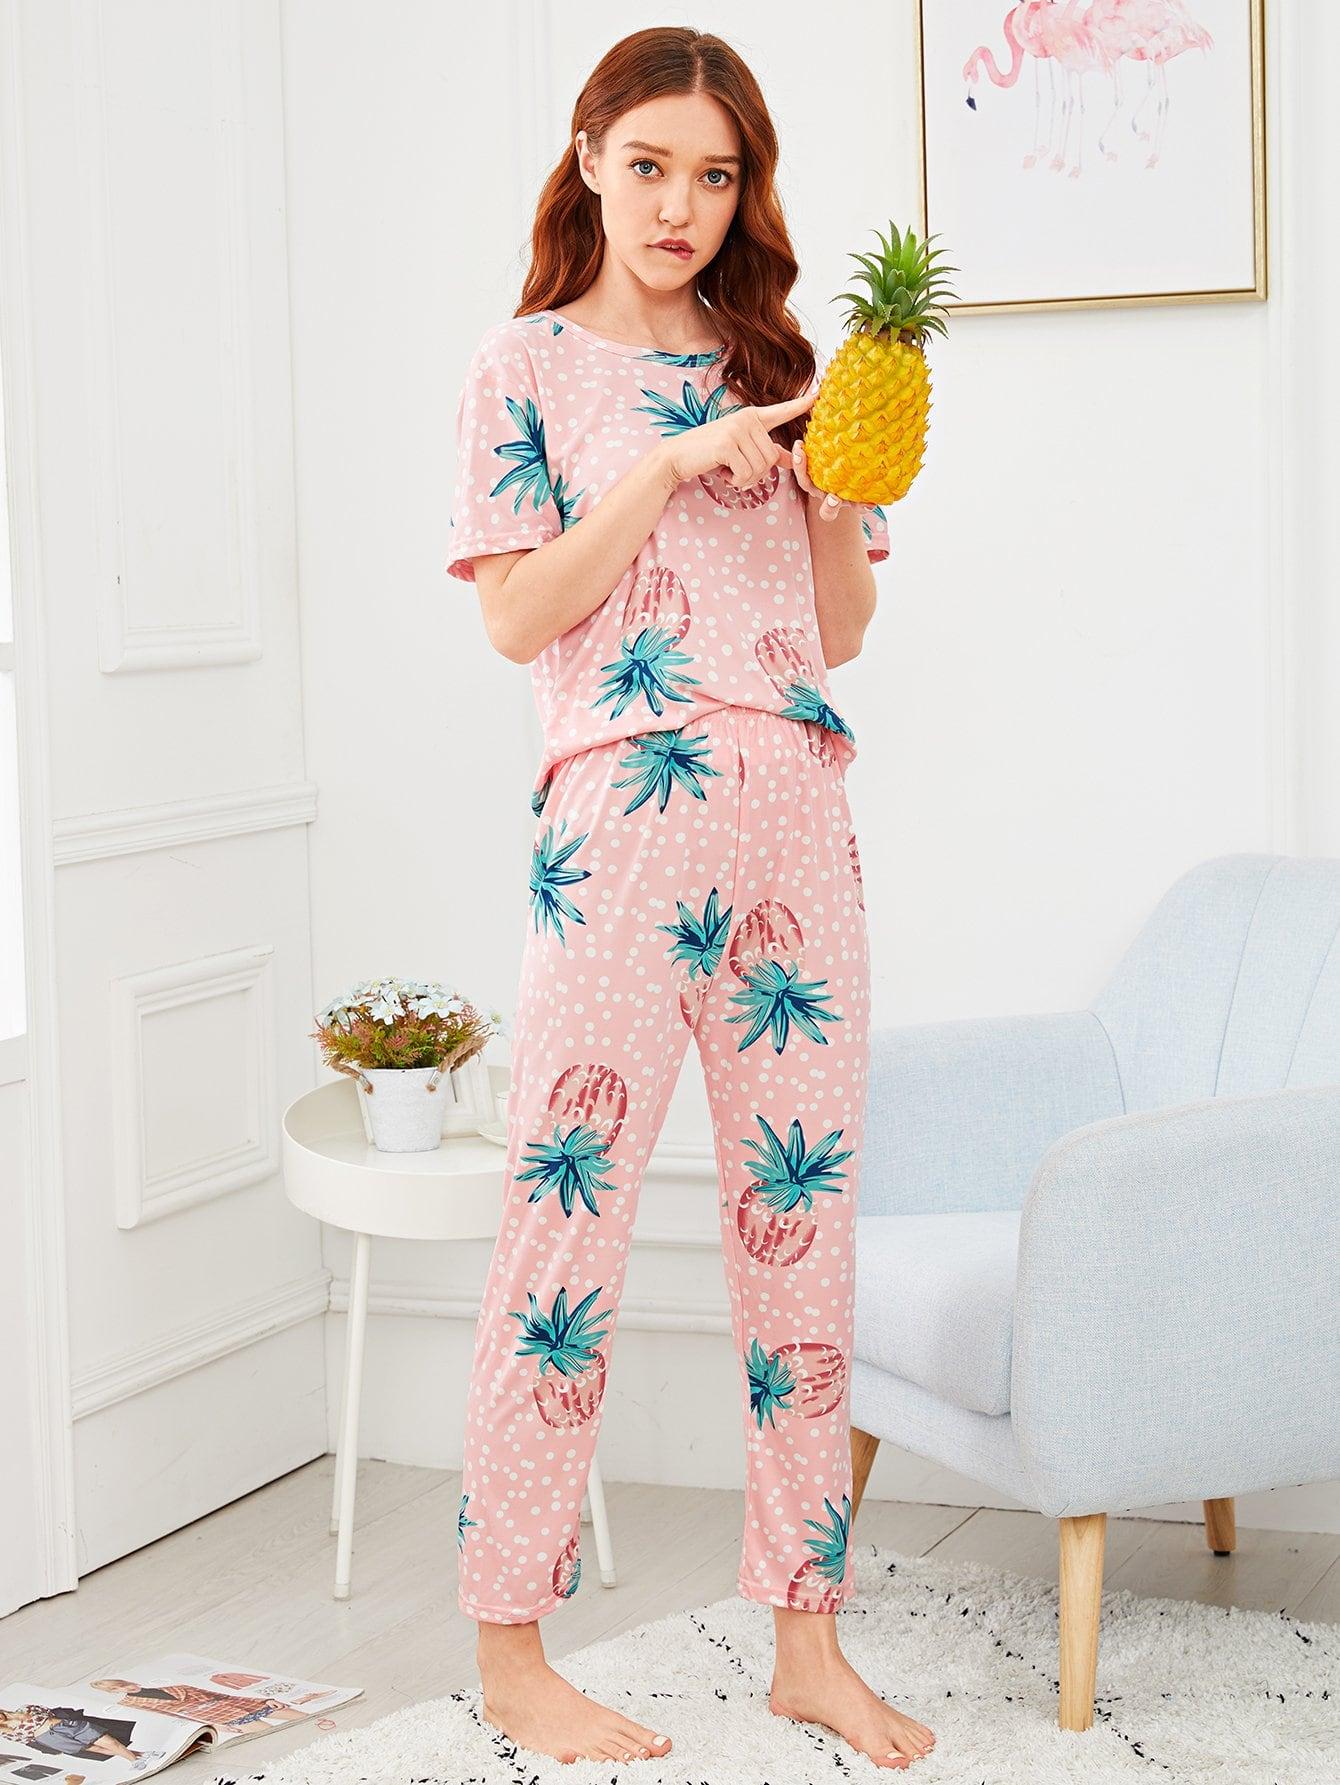 Купить Комплект пижамы в горошек с принтом ананасов, Poly, SheIn